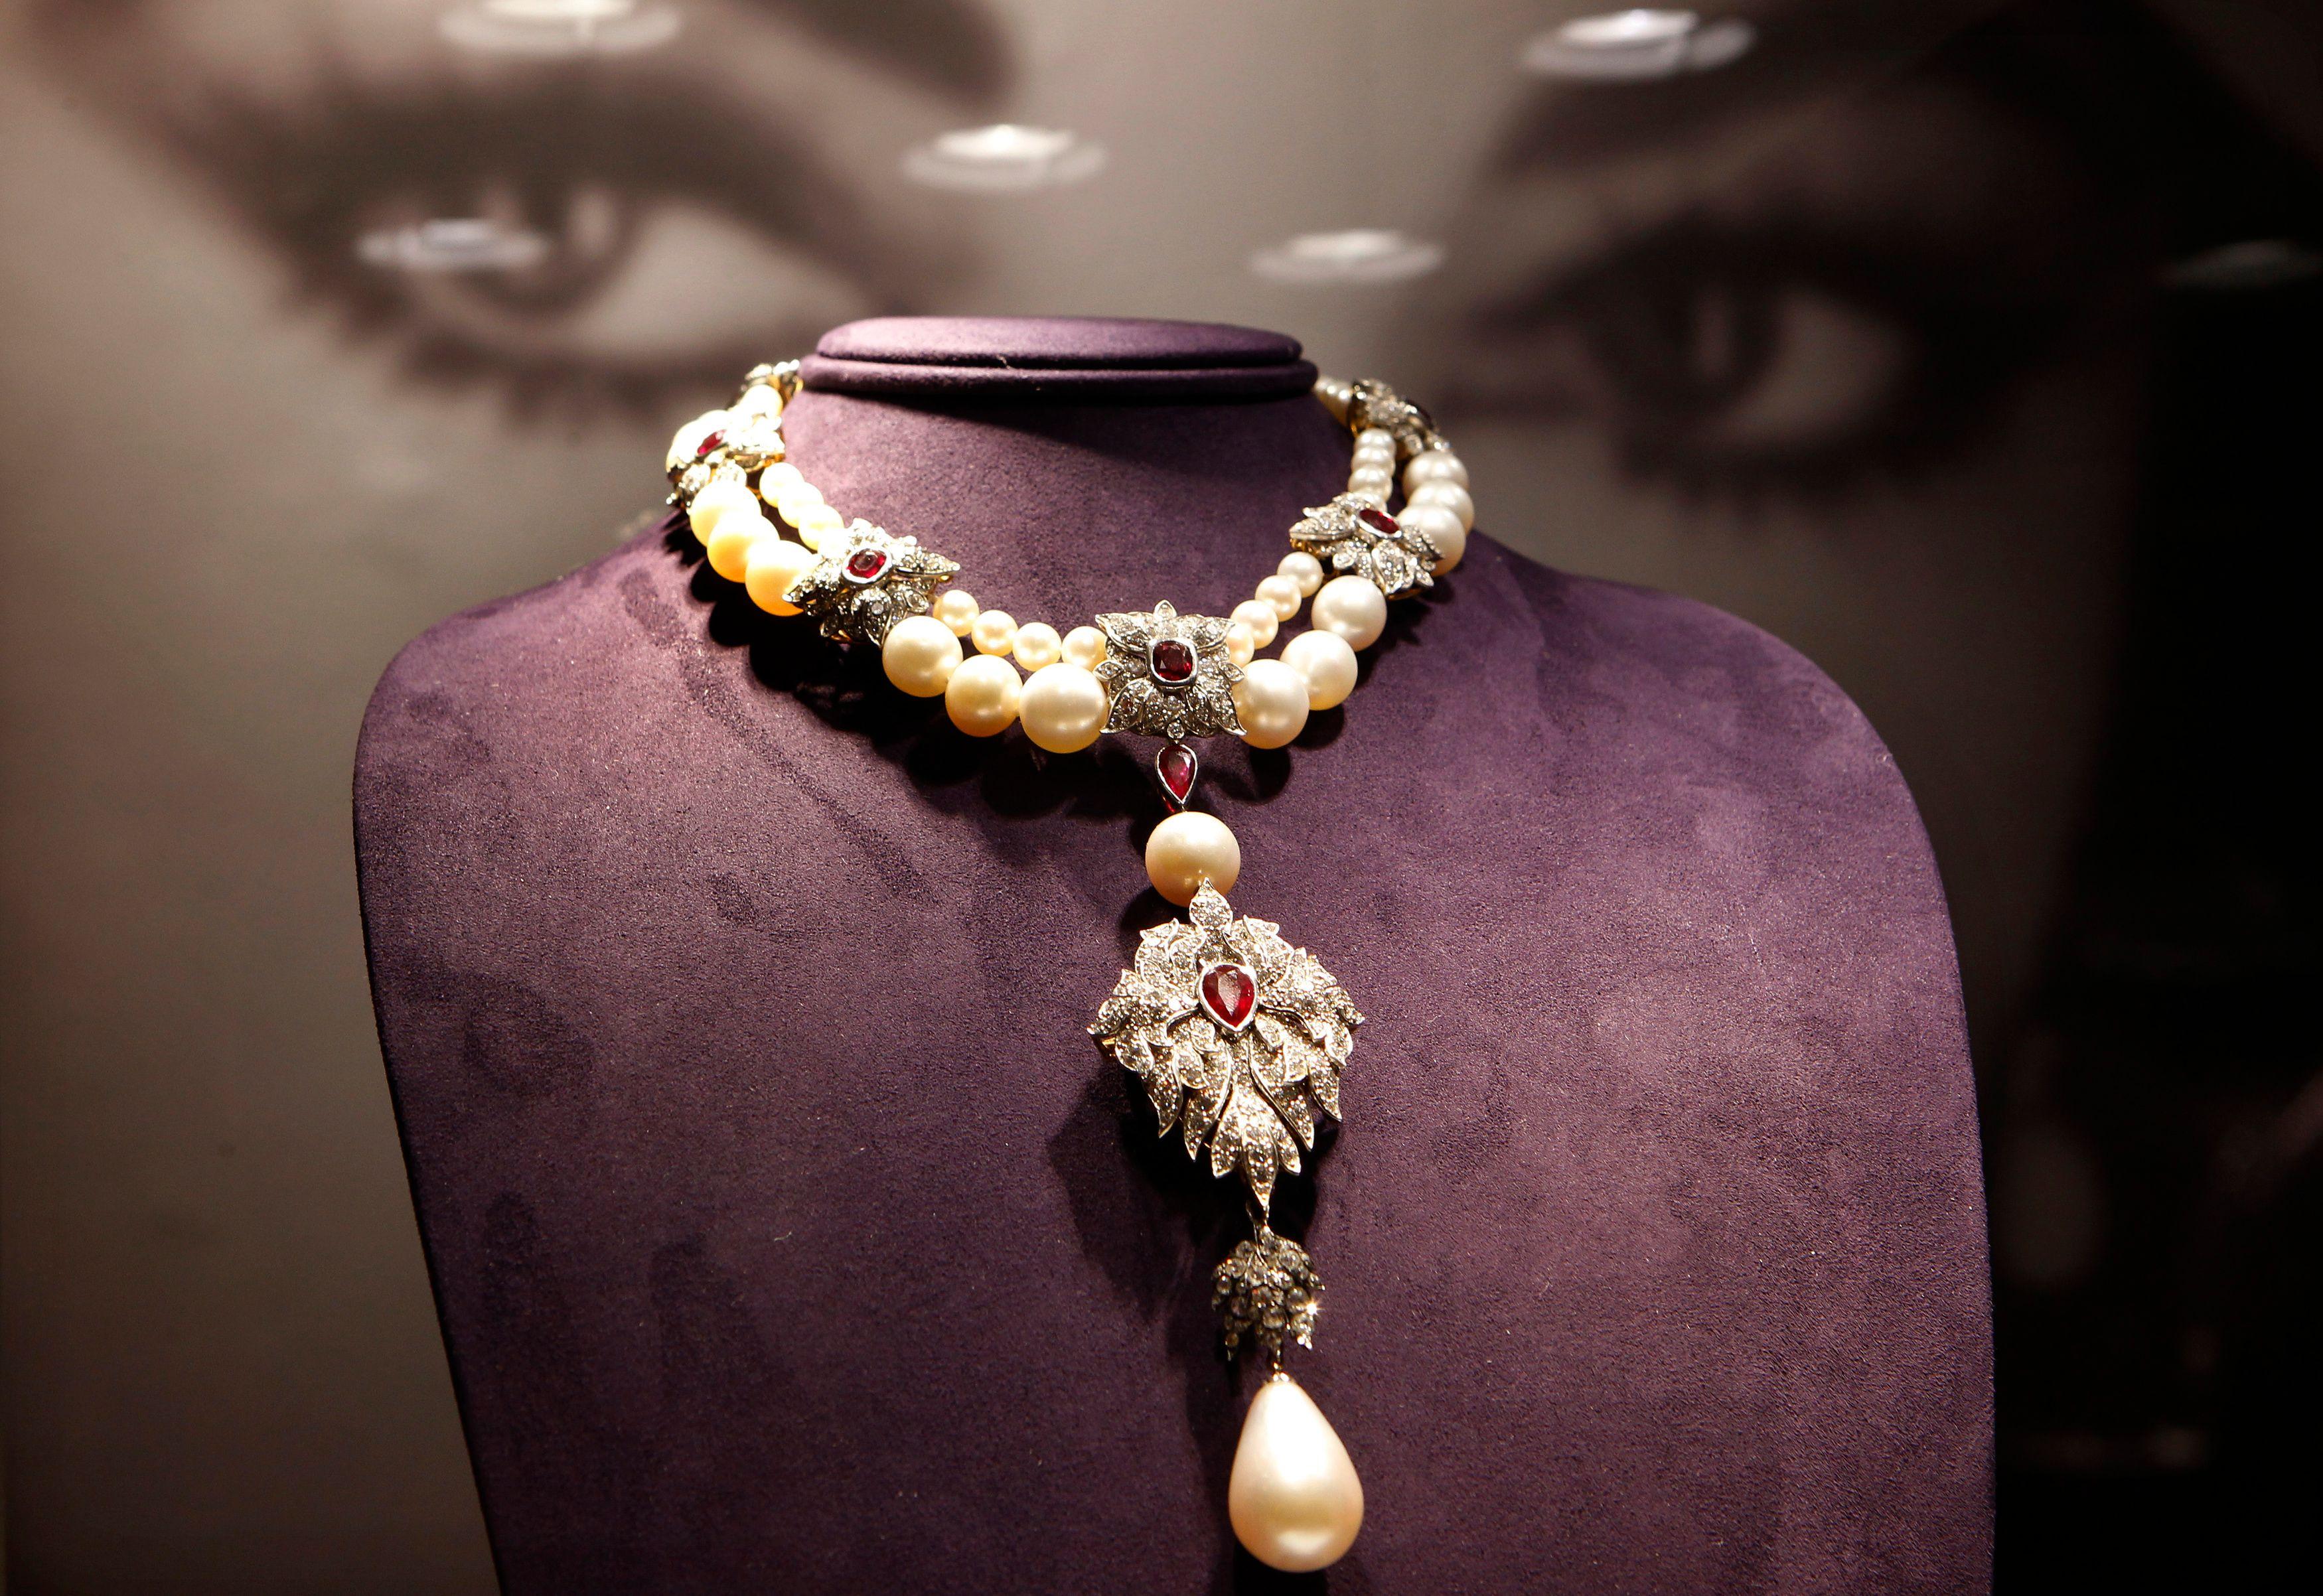 Braquage d'une bijouterie à Paris : que fait-on avec 5 millions de bijoux volés?